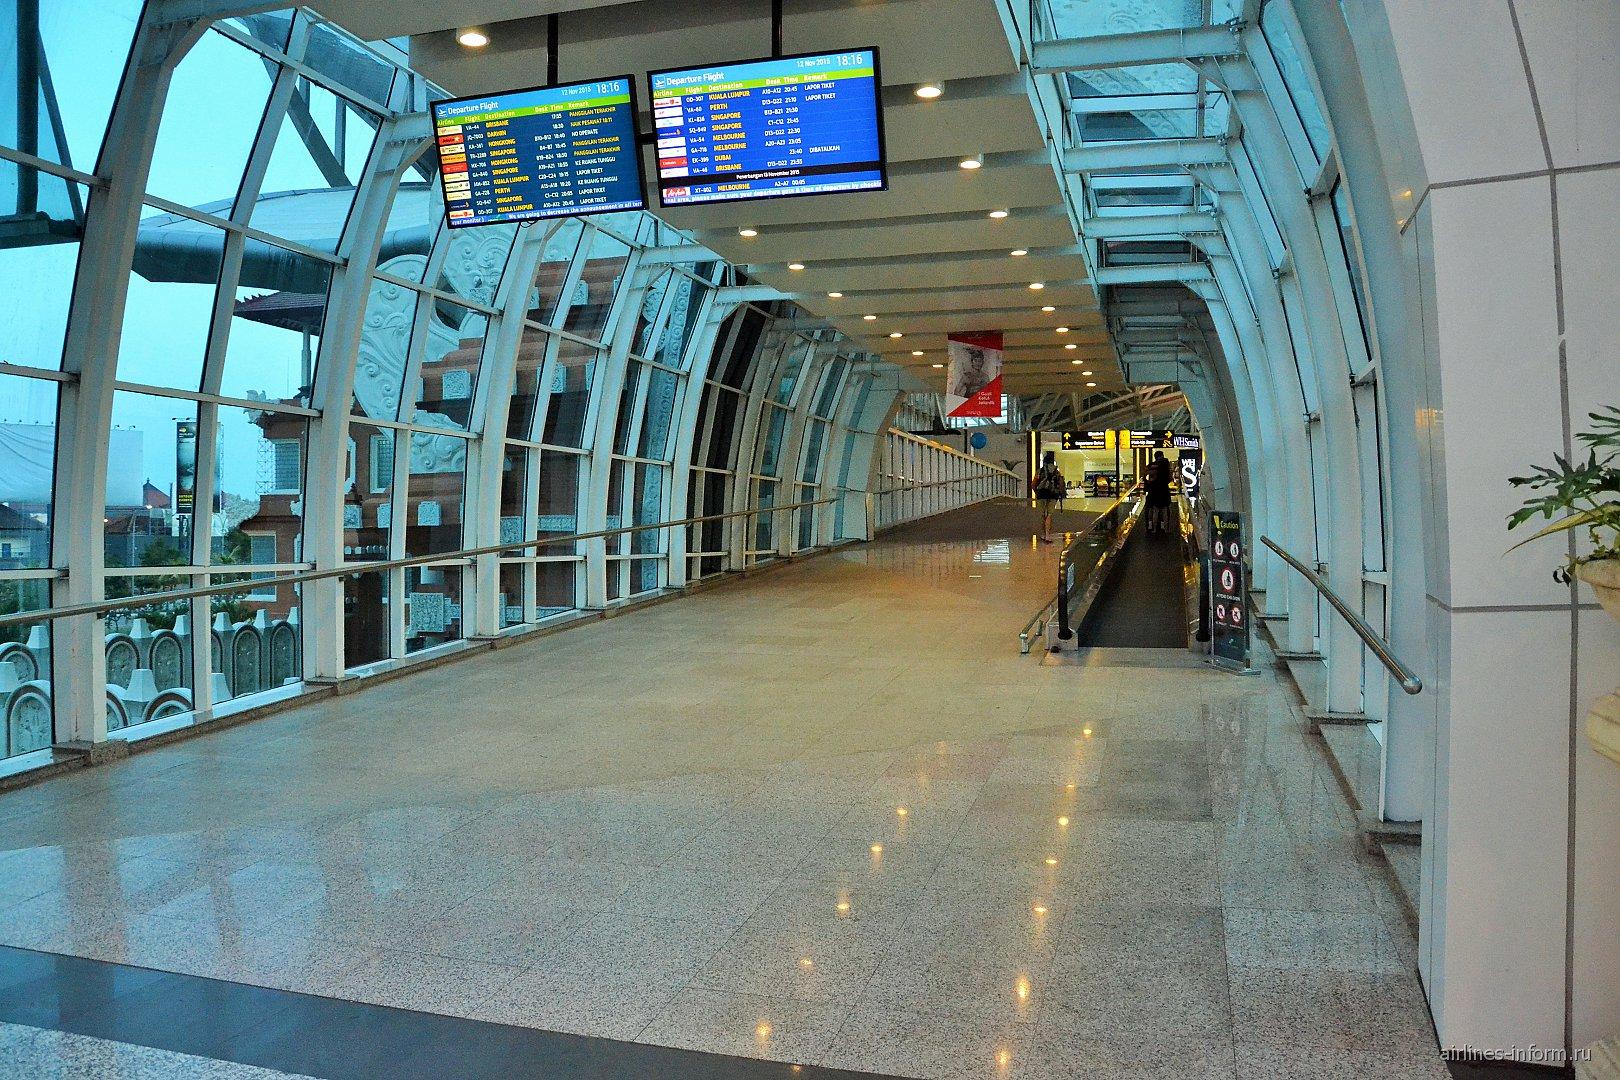 Вход в пассажирский терминал аэропорта Денпасар Нгура Рай